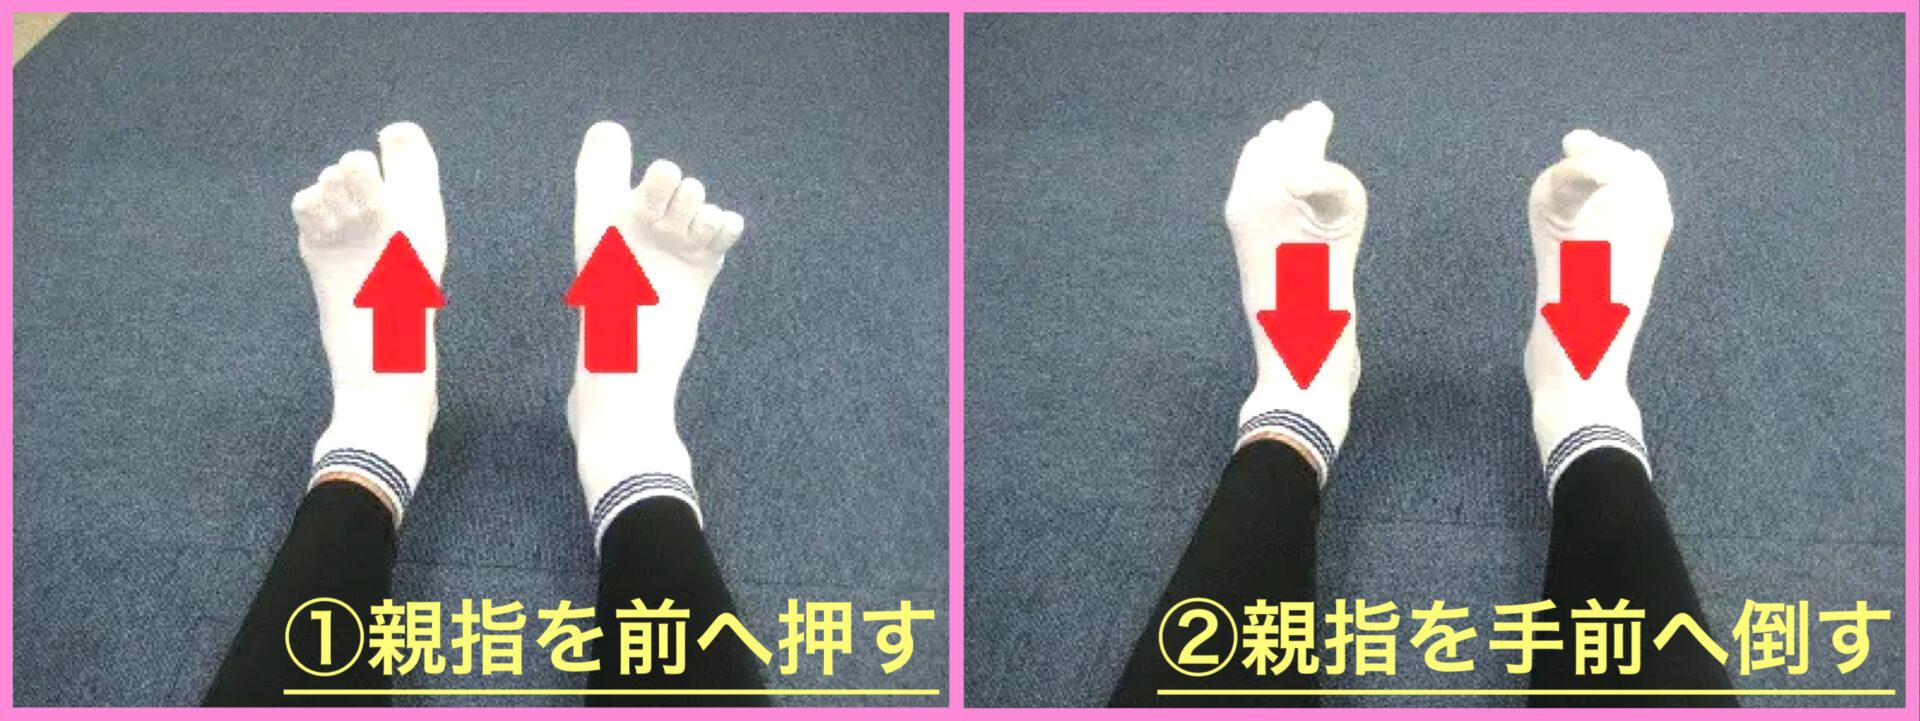 ふくらはぎが細くならない女性向けのエクササイズとして、足指エクササイズで親指を前後に動かす種目を写真でご紹介|ミスリル名古屋